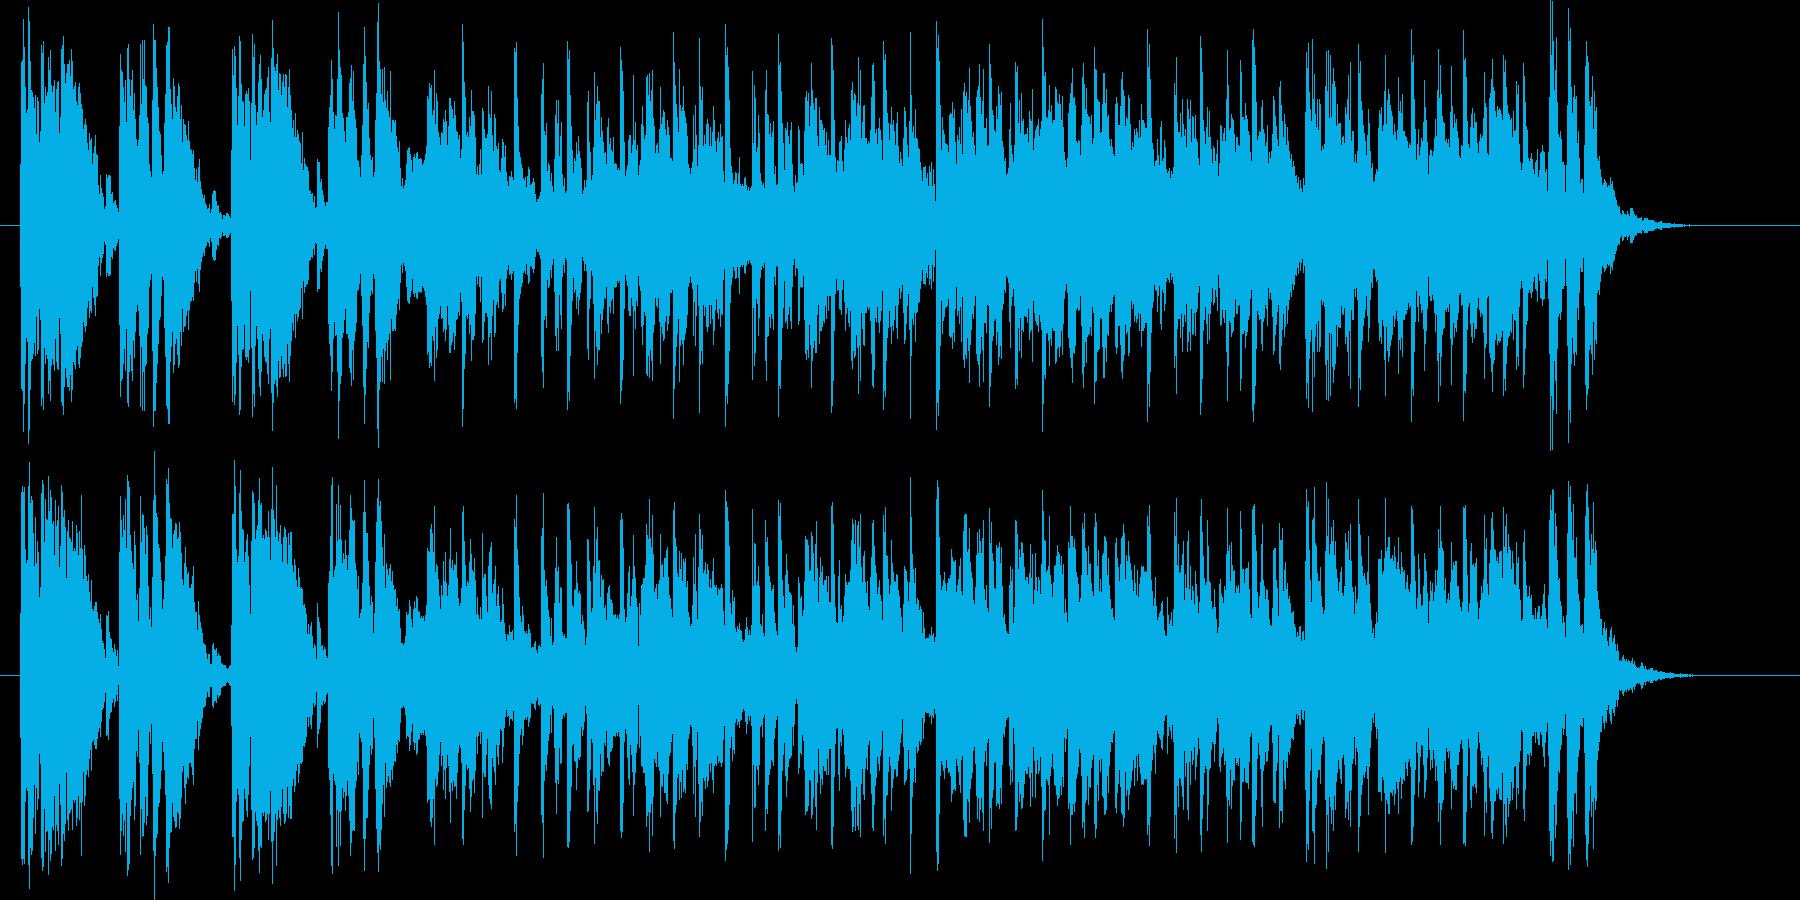 激しくテンションアップの音楽の再生済みの波形